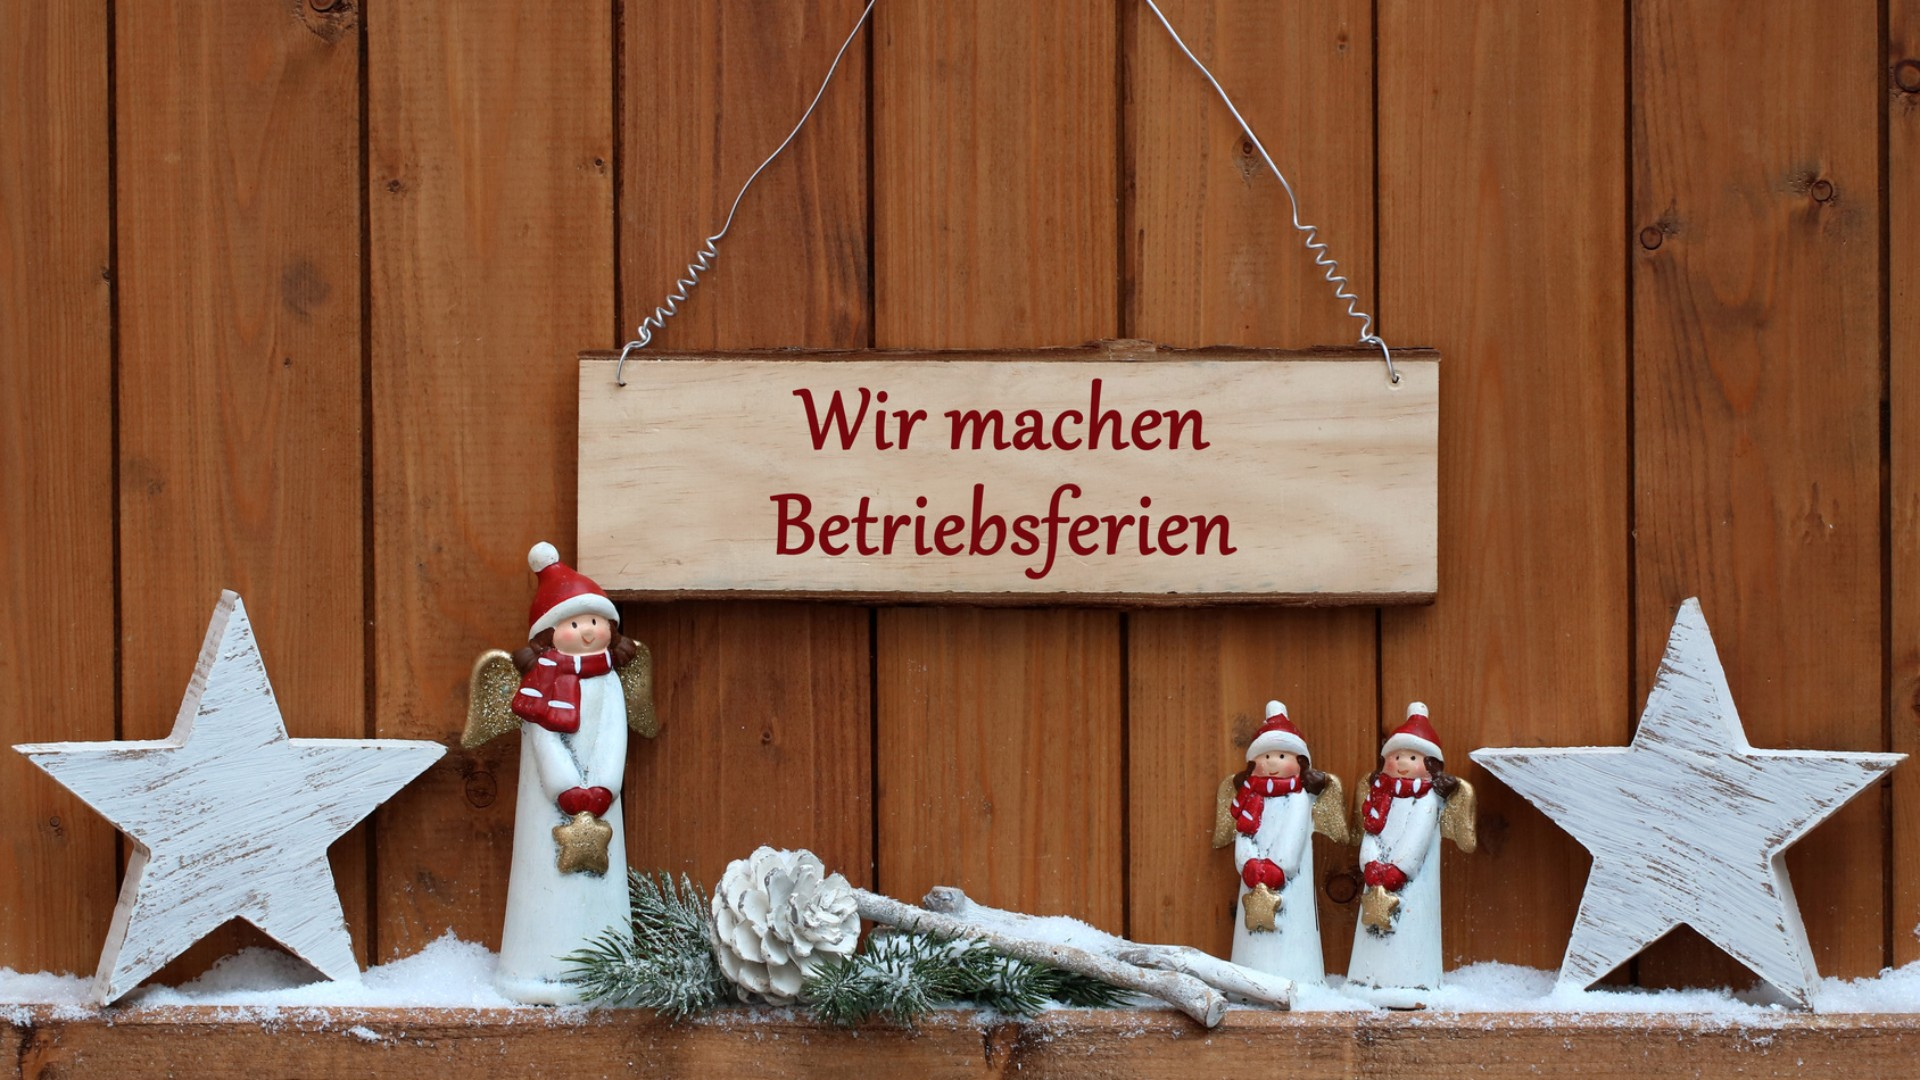 Betriebsurlaub An Weihnachten